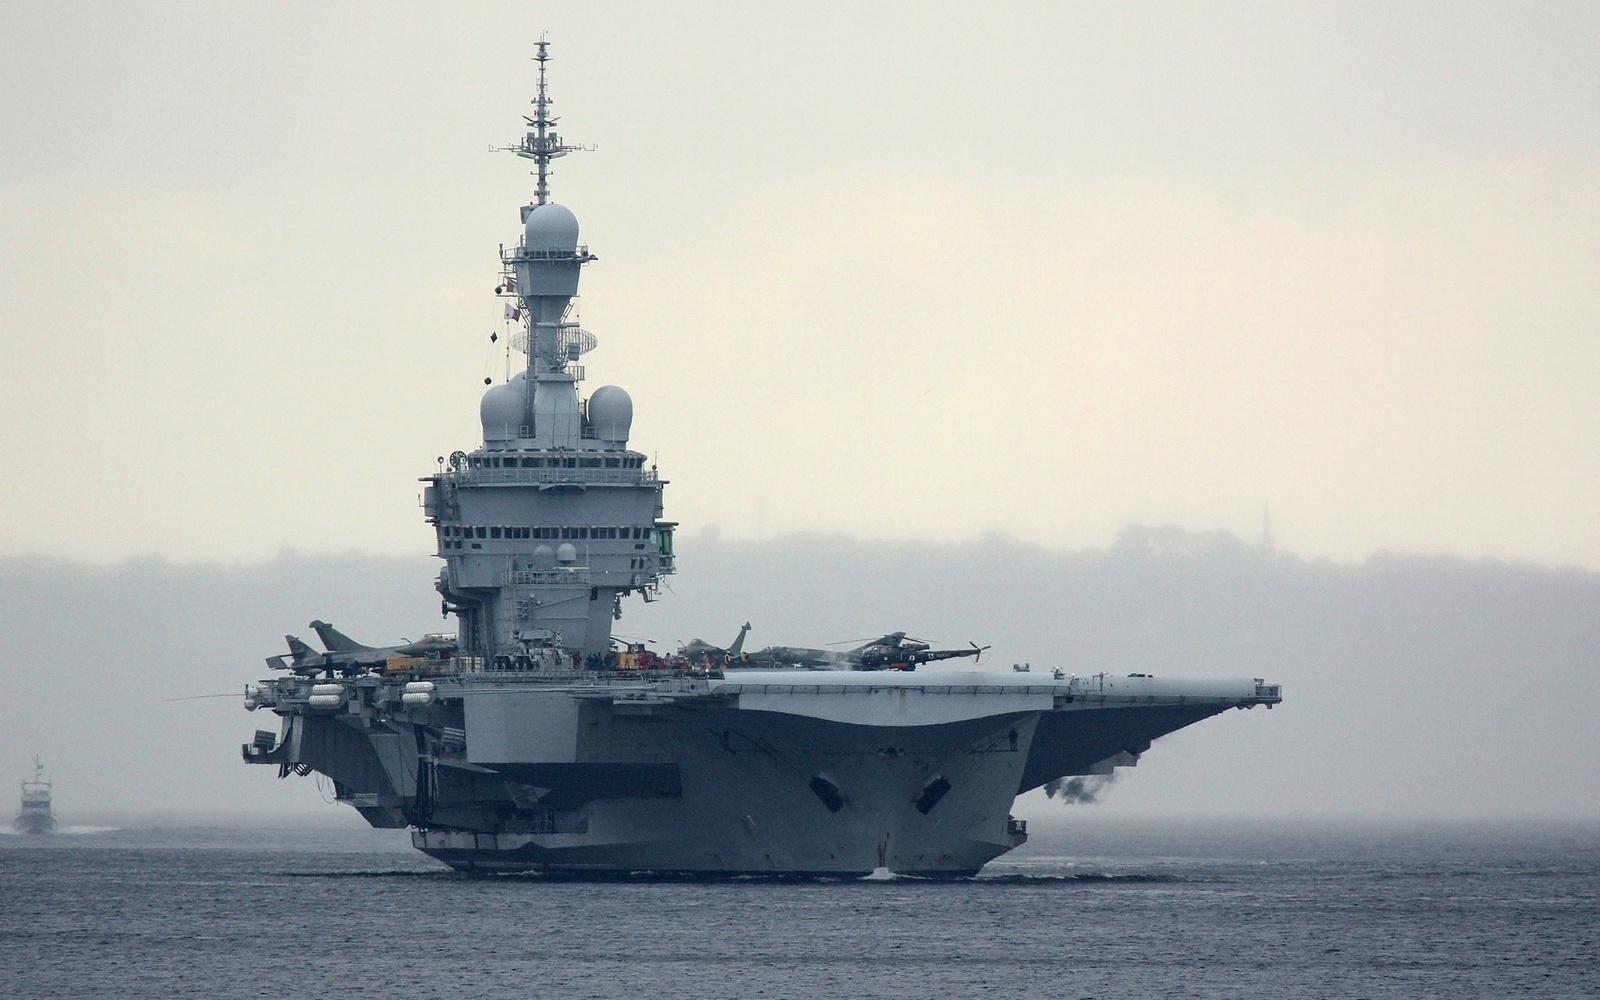 잠수함 노하우의 공유를 걸프 국가들에 제안한 프랑스